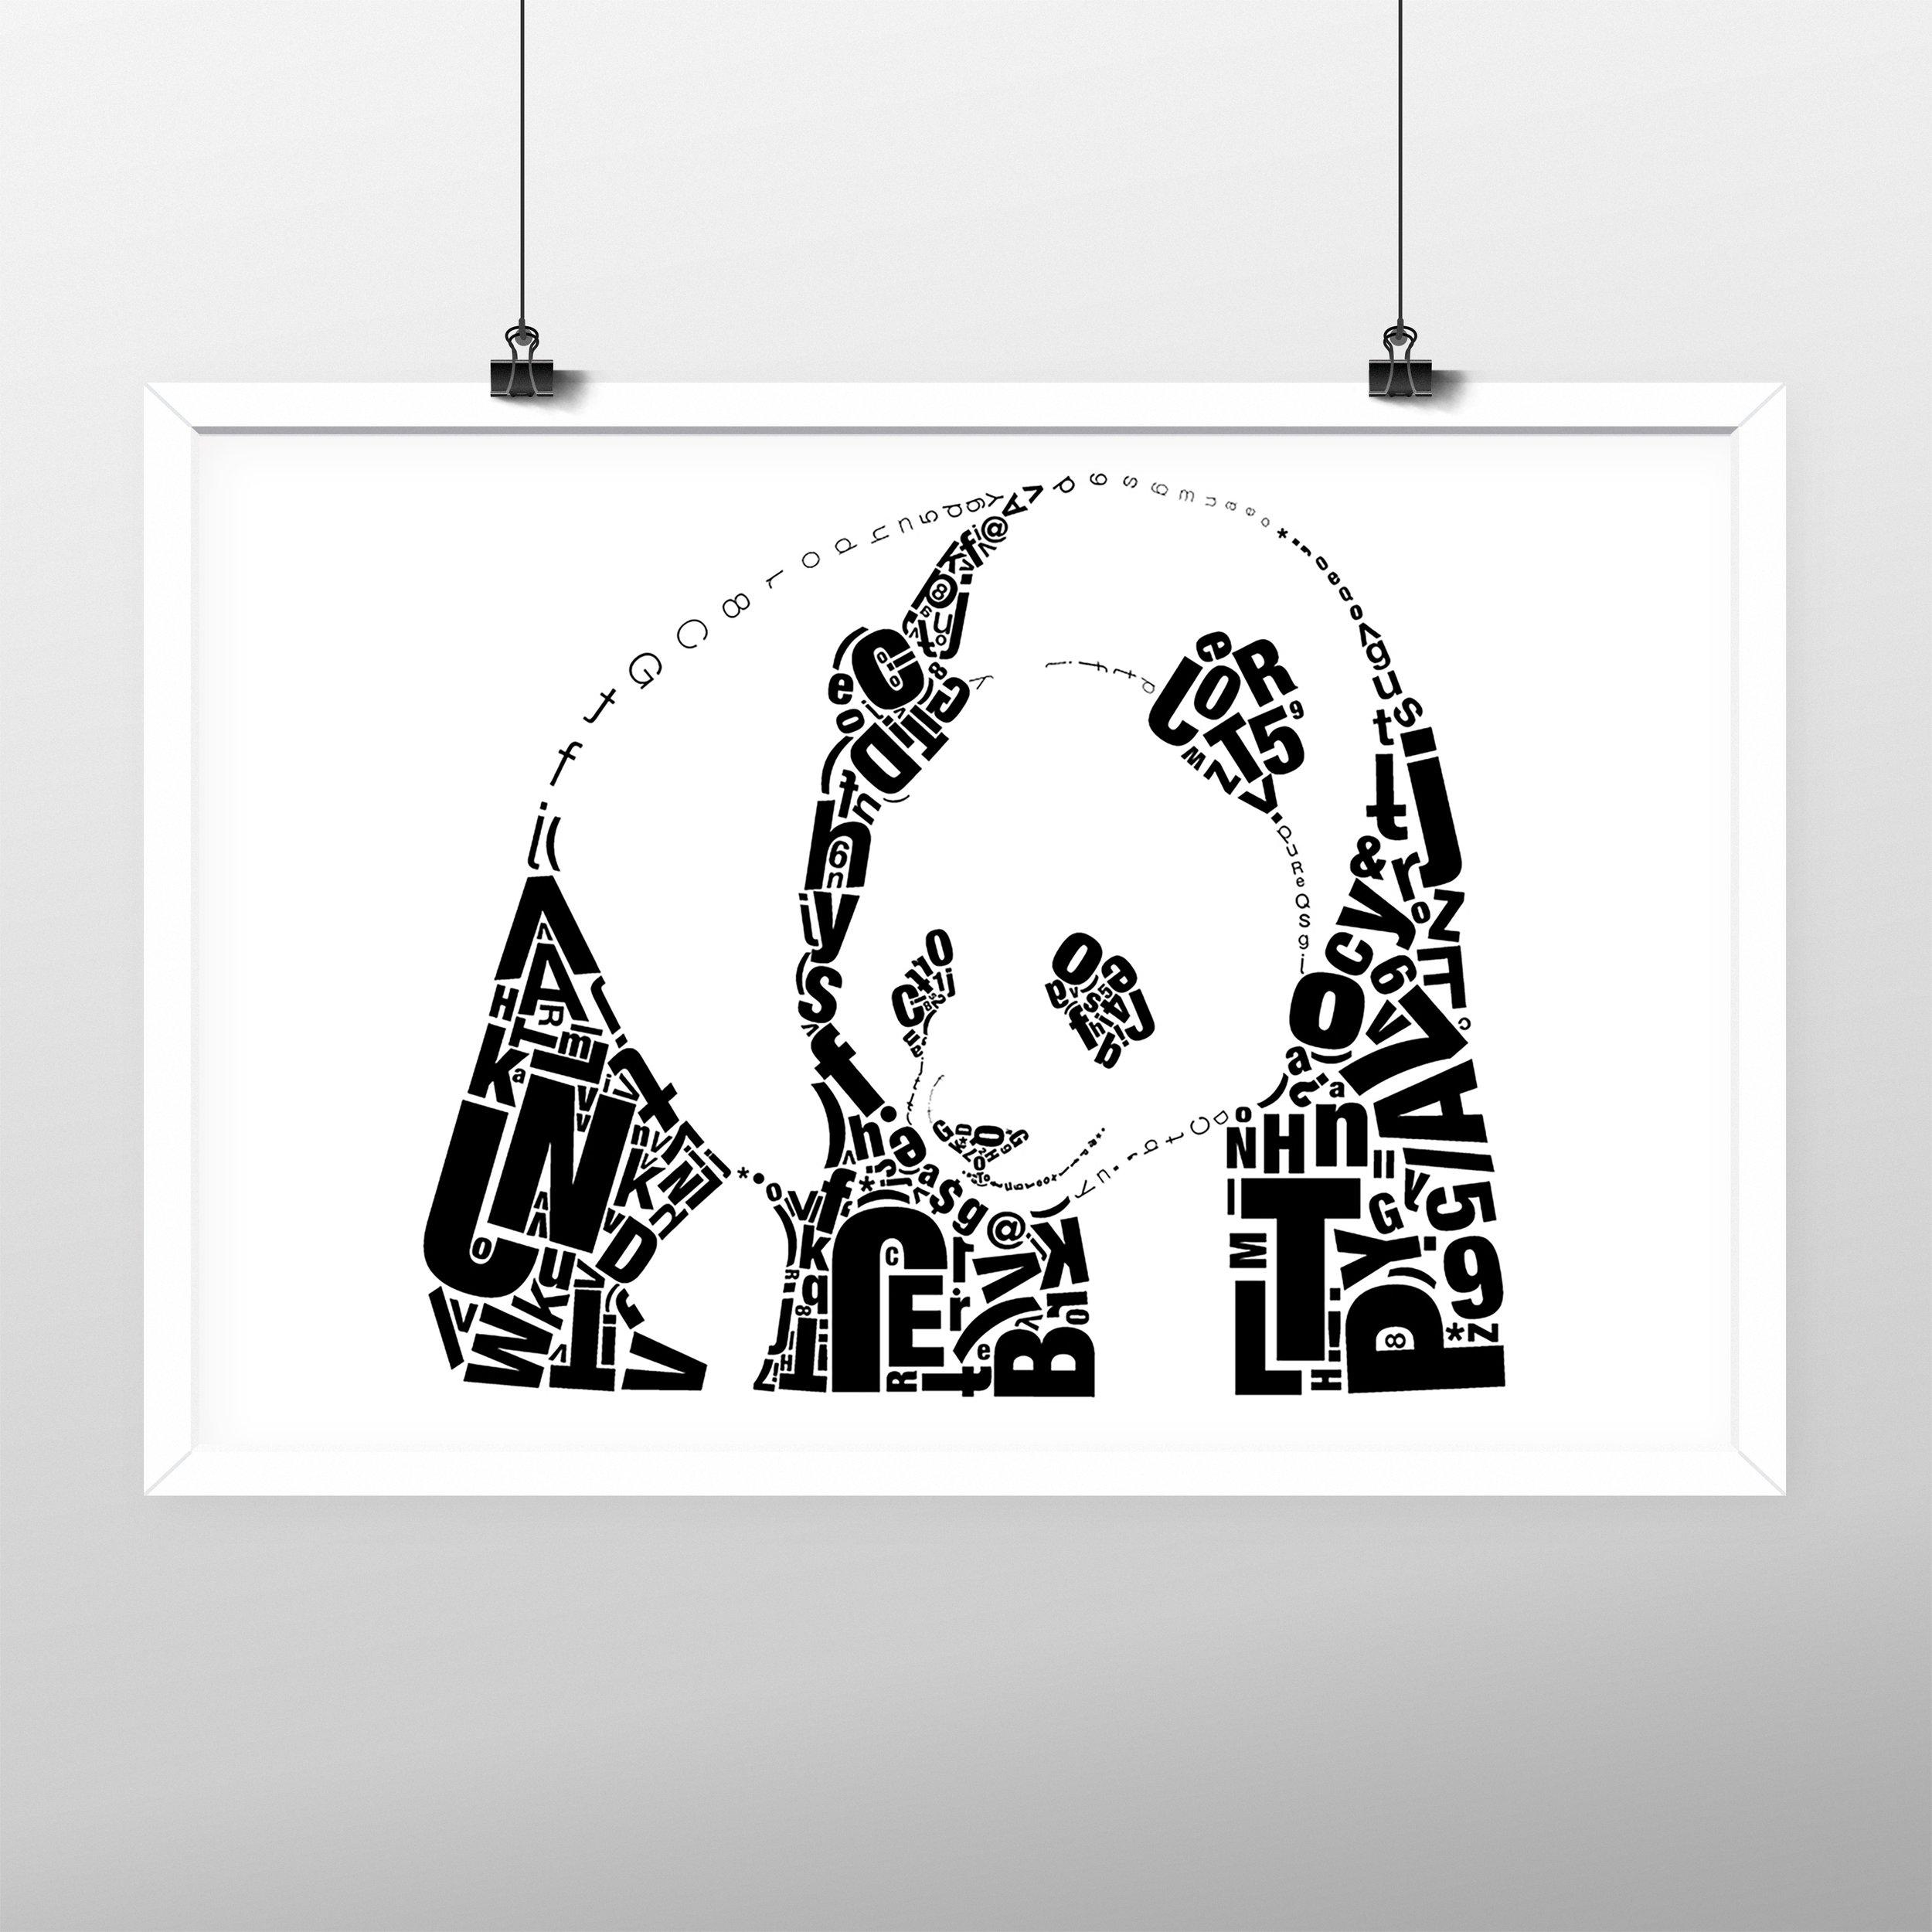 pandaposter.jpg